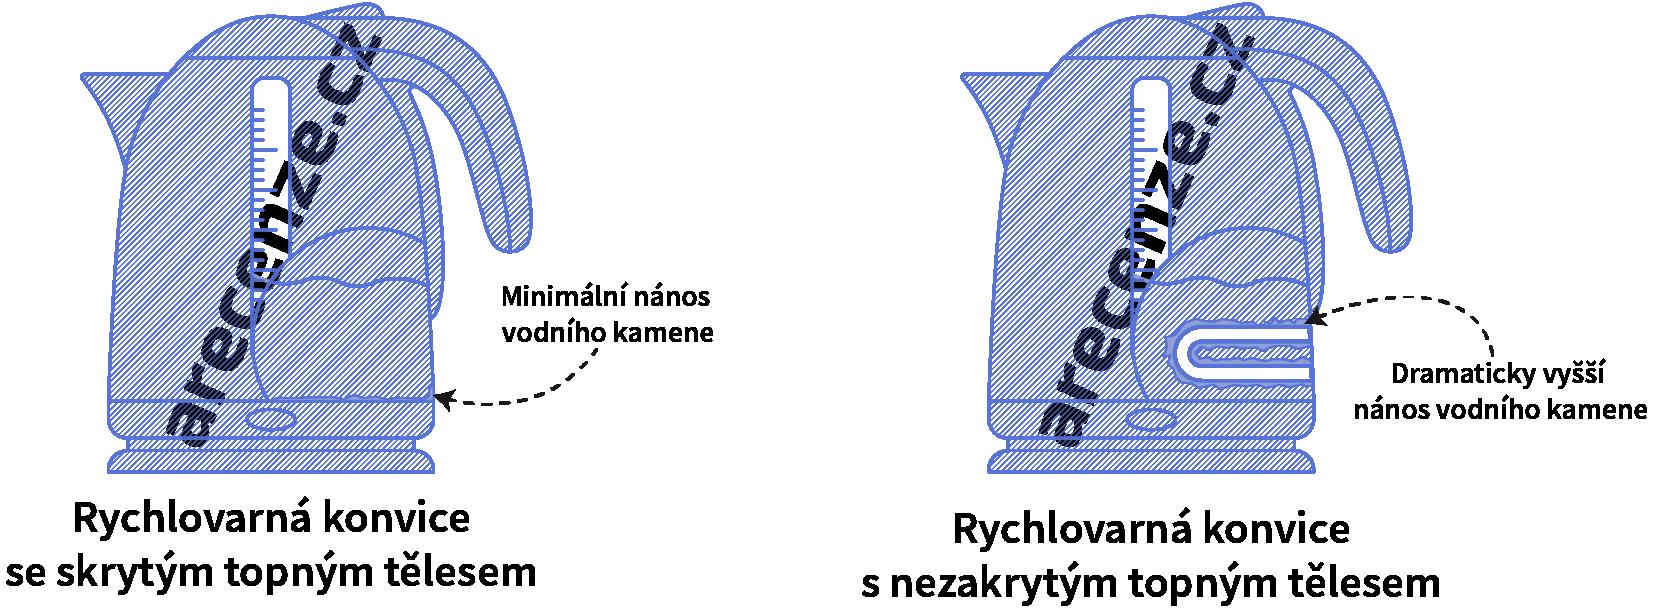 Ukážka spôsobov umiestnenia vykurovacieho telesa v rýchlovarnej kanvici